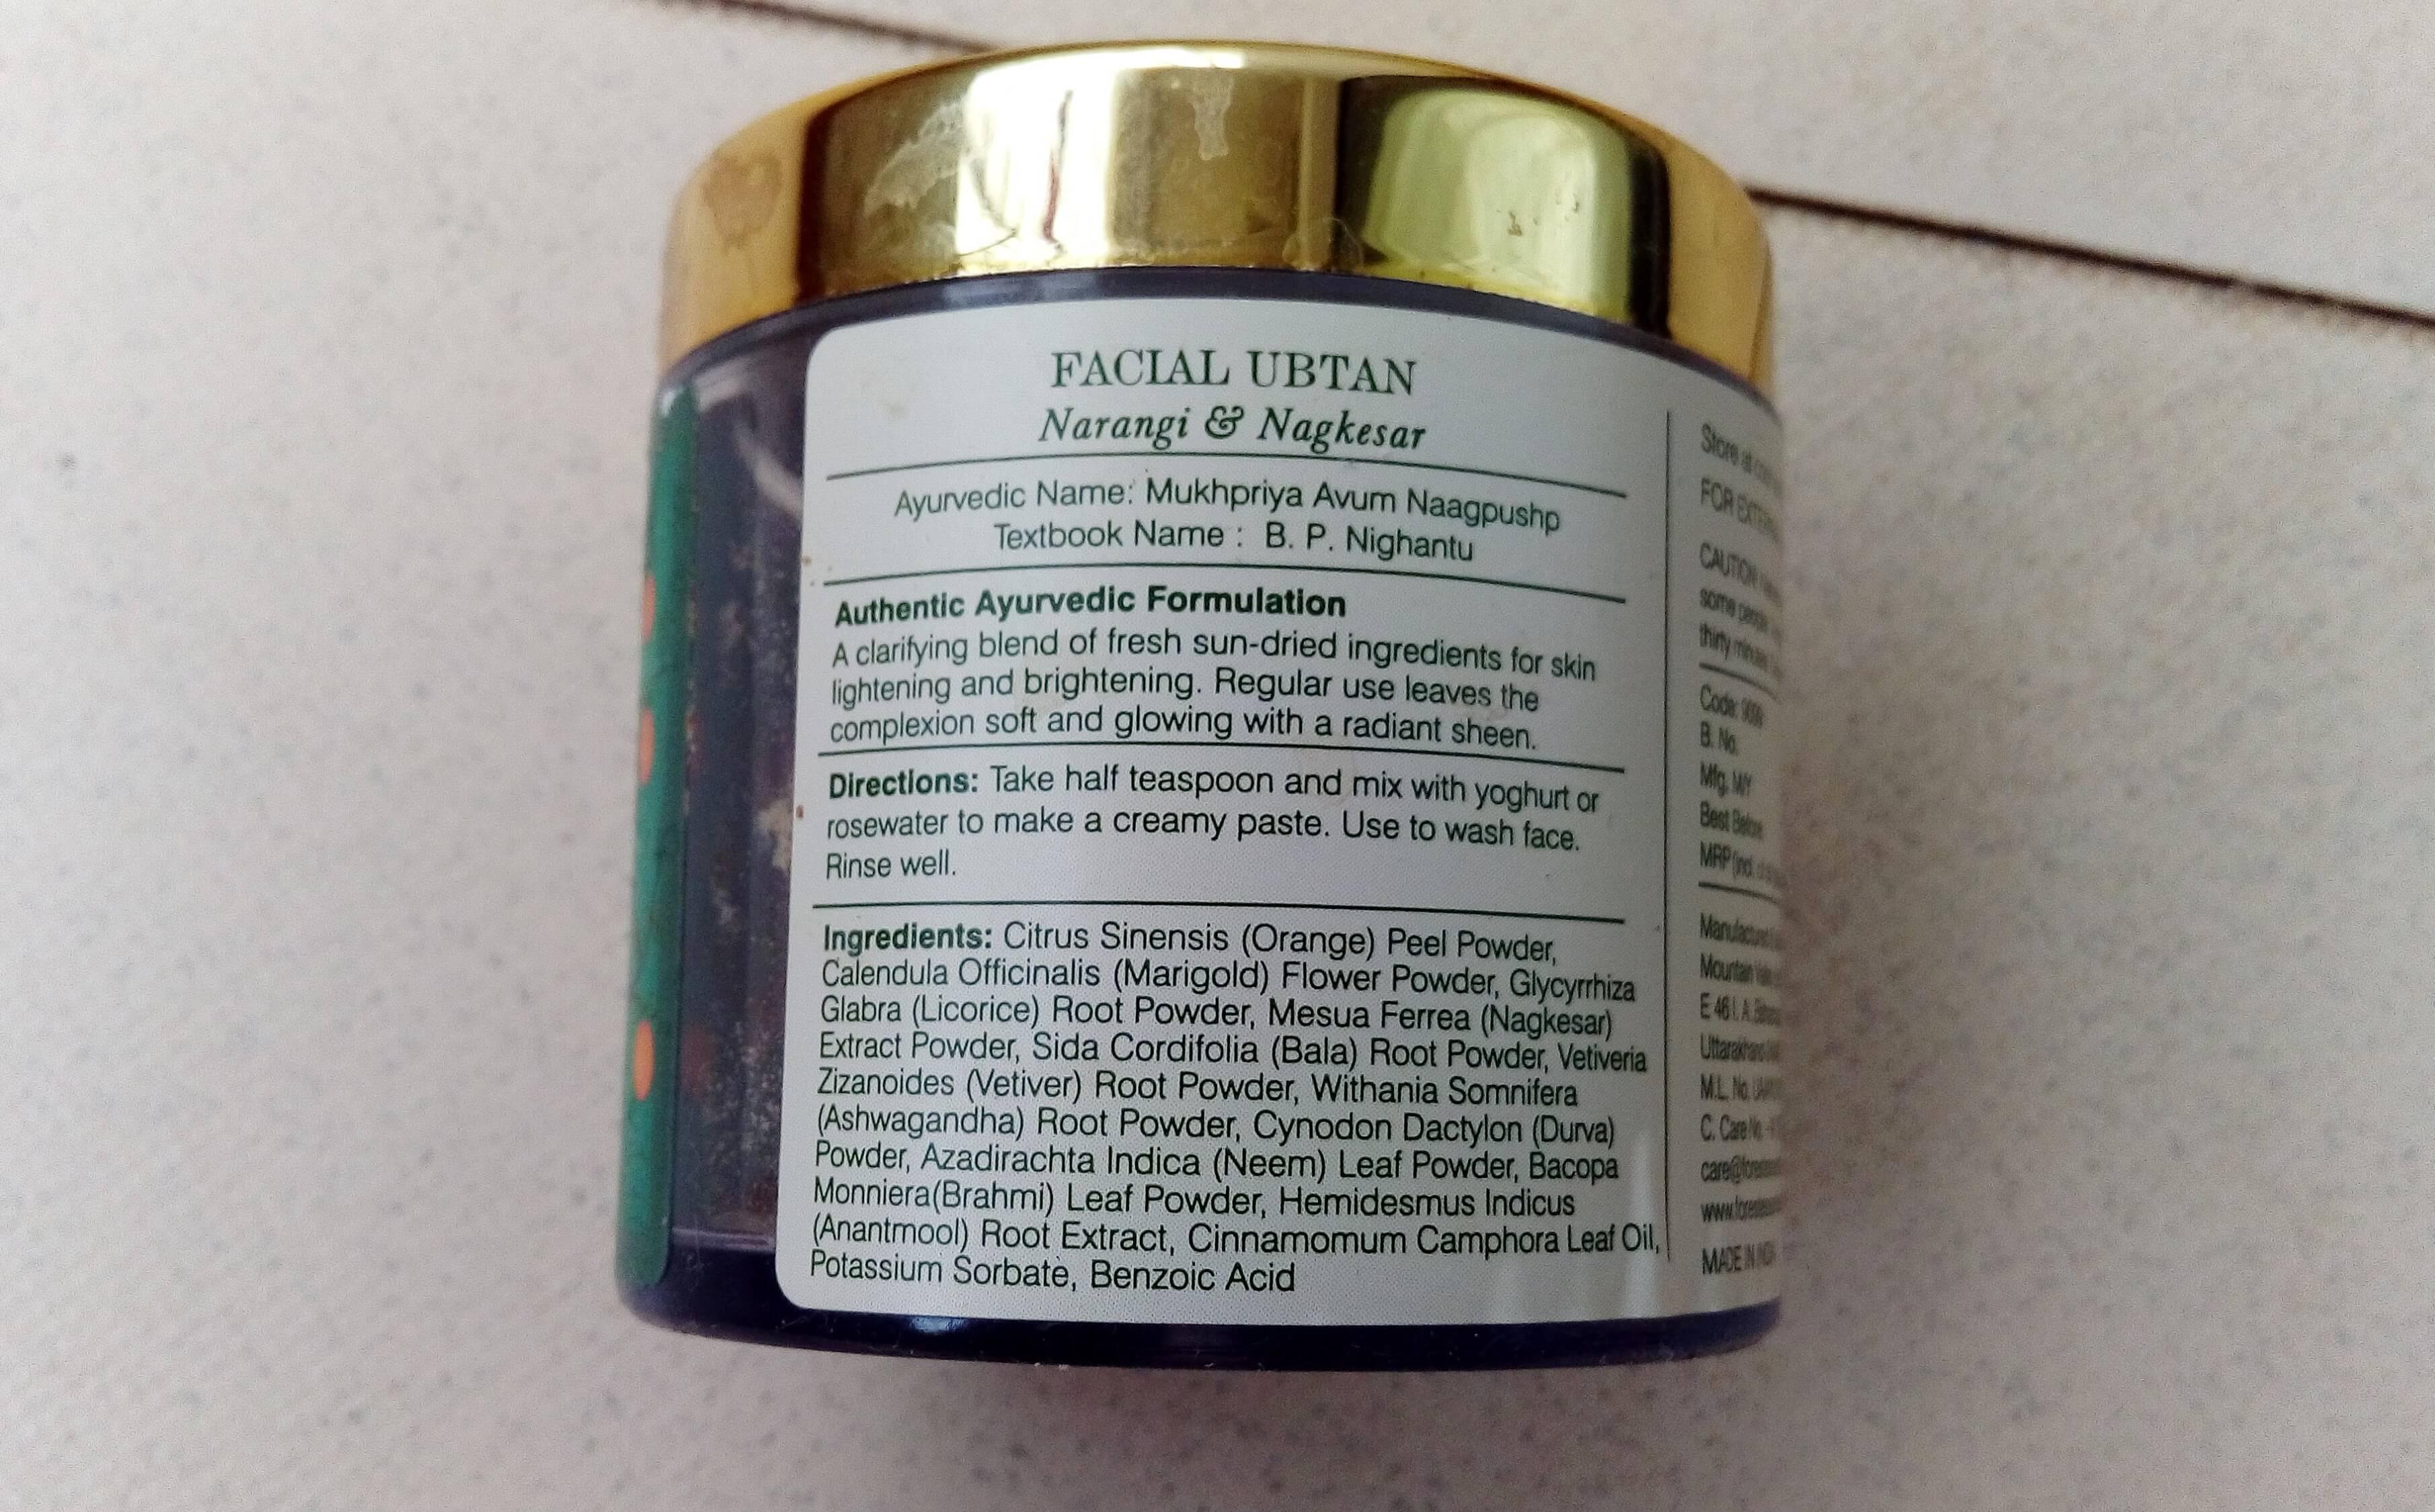 Forest Essentials Ubtan ingredients 1